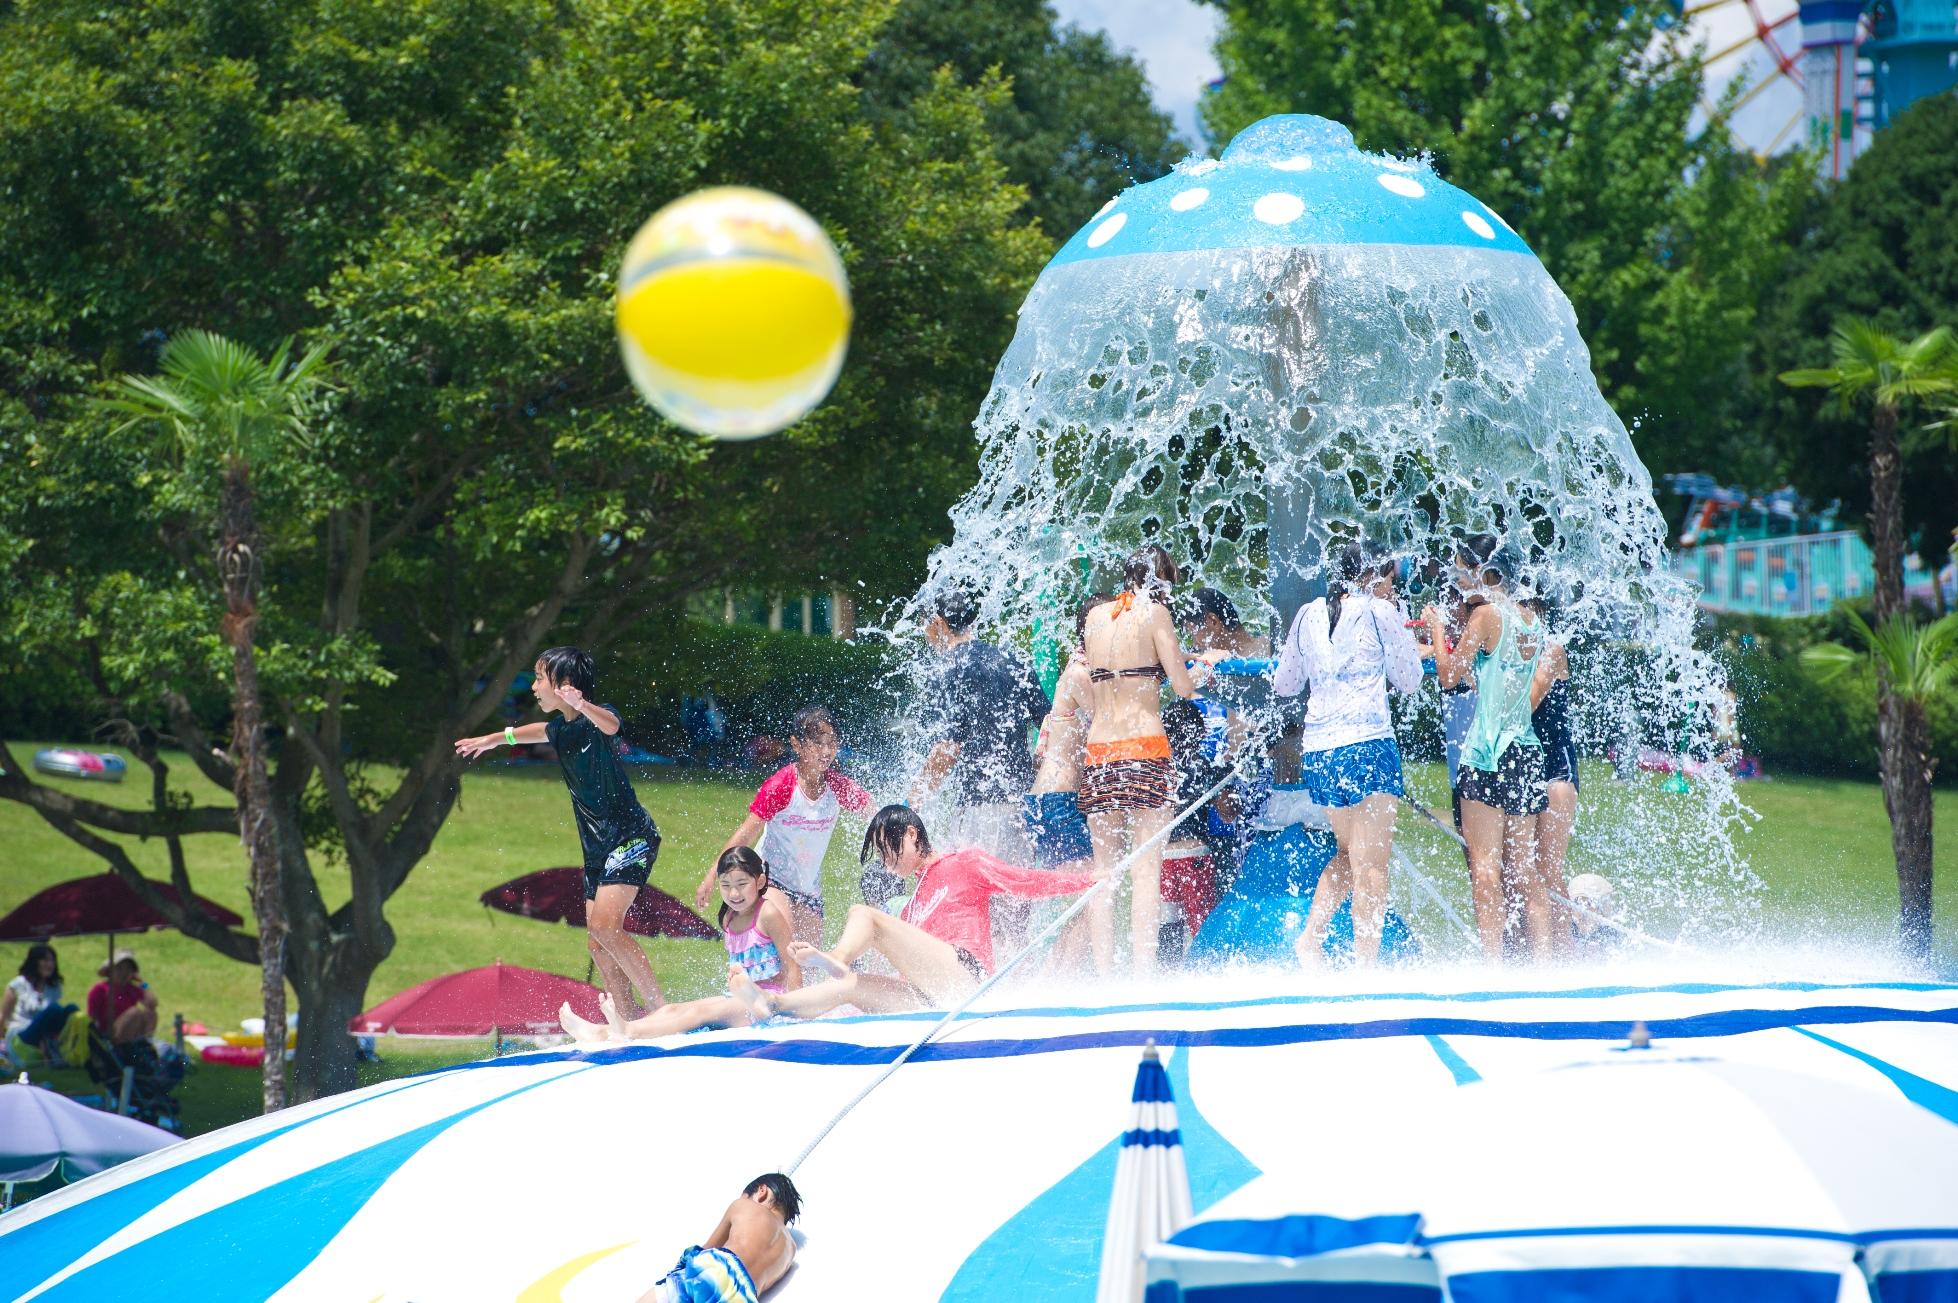 みろくの里・夏のレジャープール本日(7/15)オープン!西日本唯一のシャワードームと3種のスライダーと遊び方は自由!